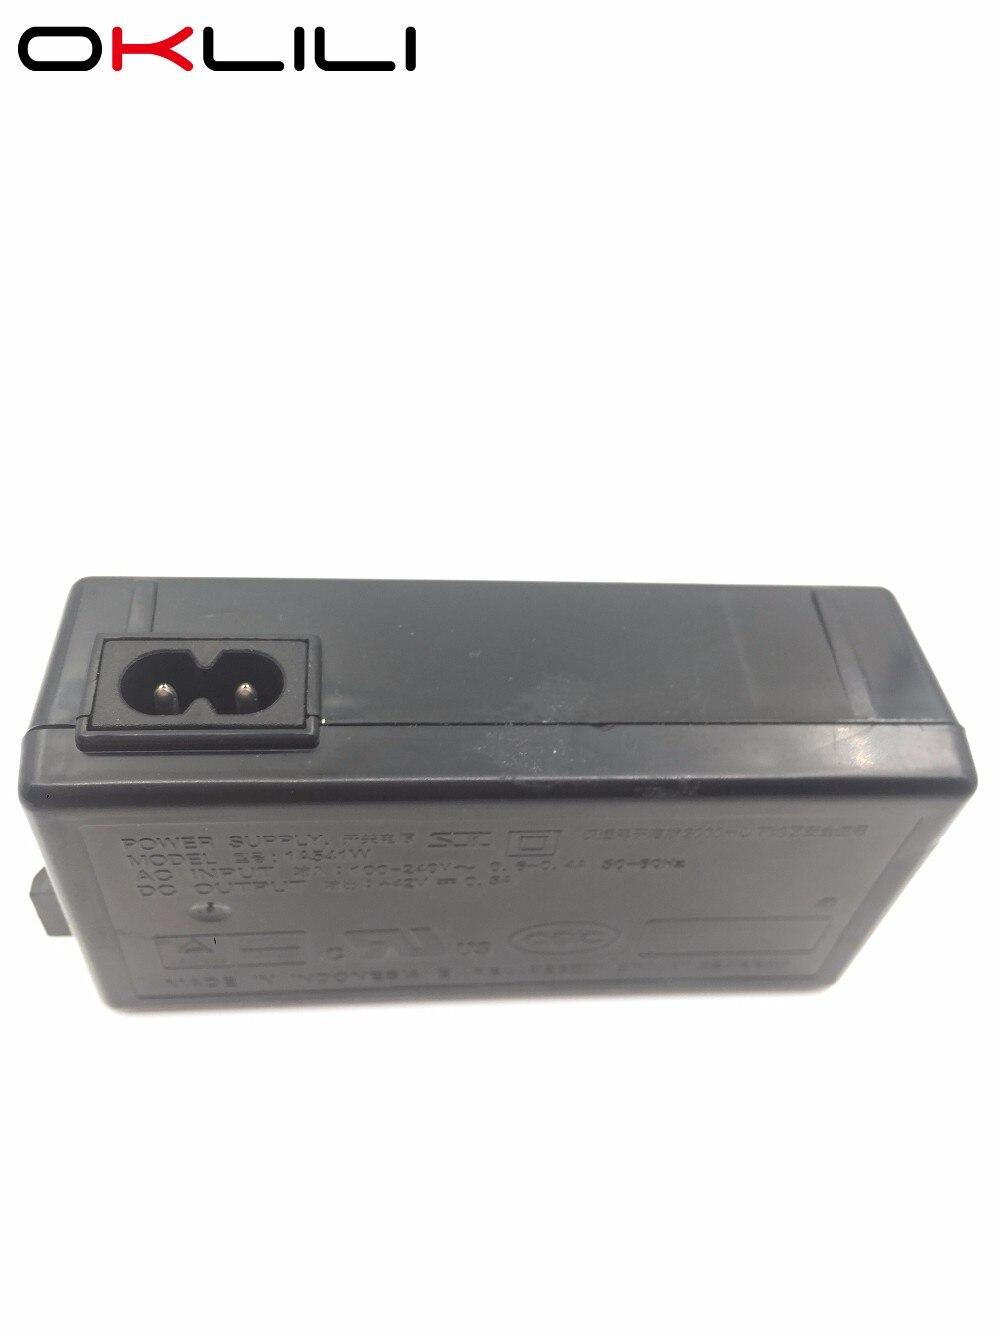 Адаптер питания переменного тока, зарядное устройство для Epson L110 L120 L210 L220 L300 L310 L350 L355 L360 L365 L455 L555 L565 L100 L132 L130 L222 Адаптеры питания принтера      АлиЭкспресс